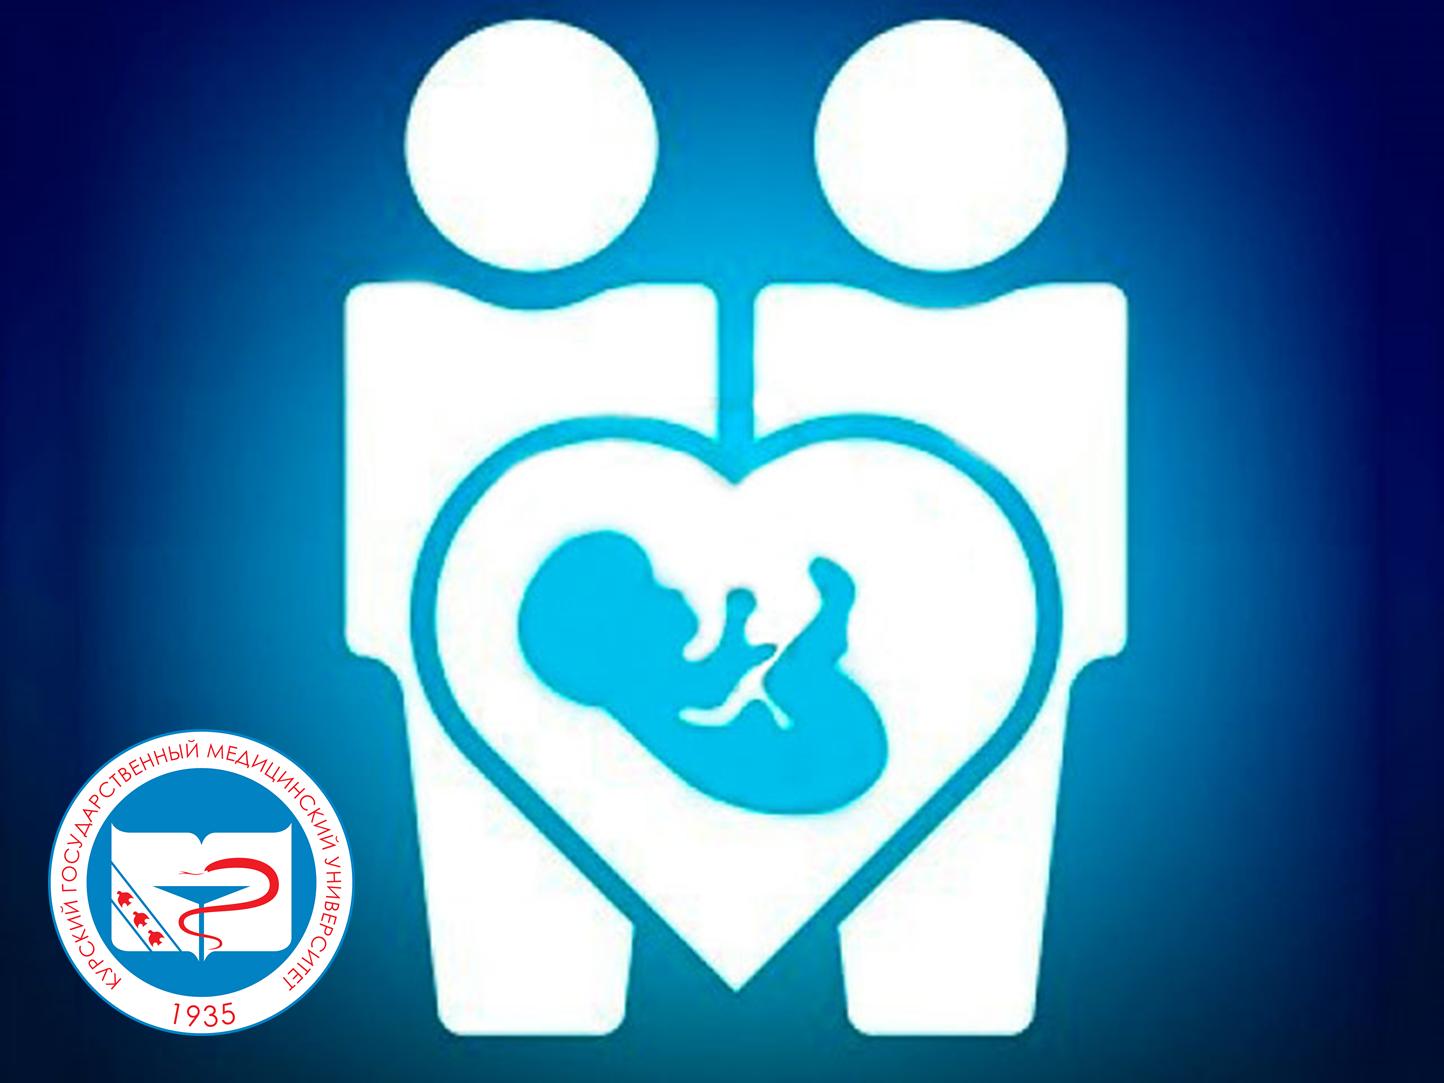 Репродуктивное здоровье картинки для презентации